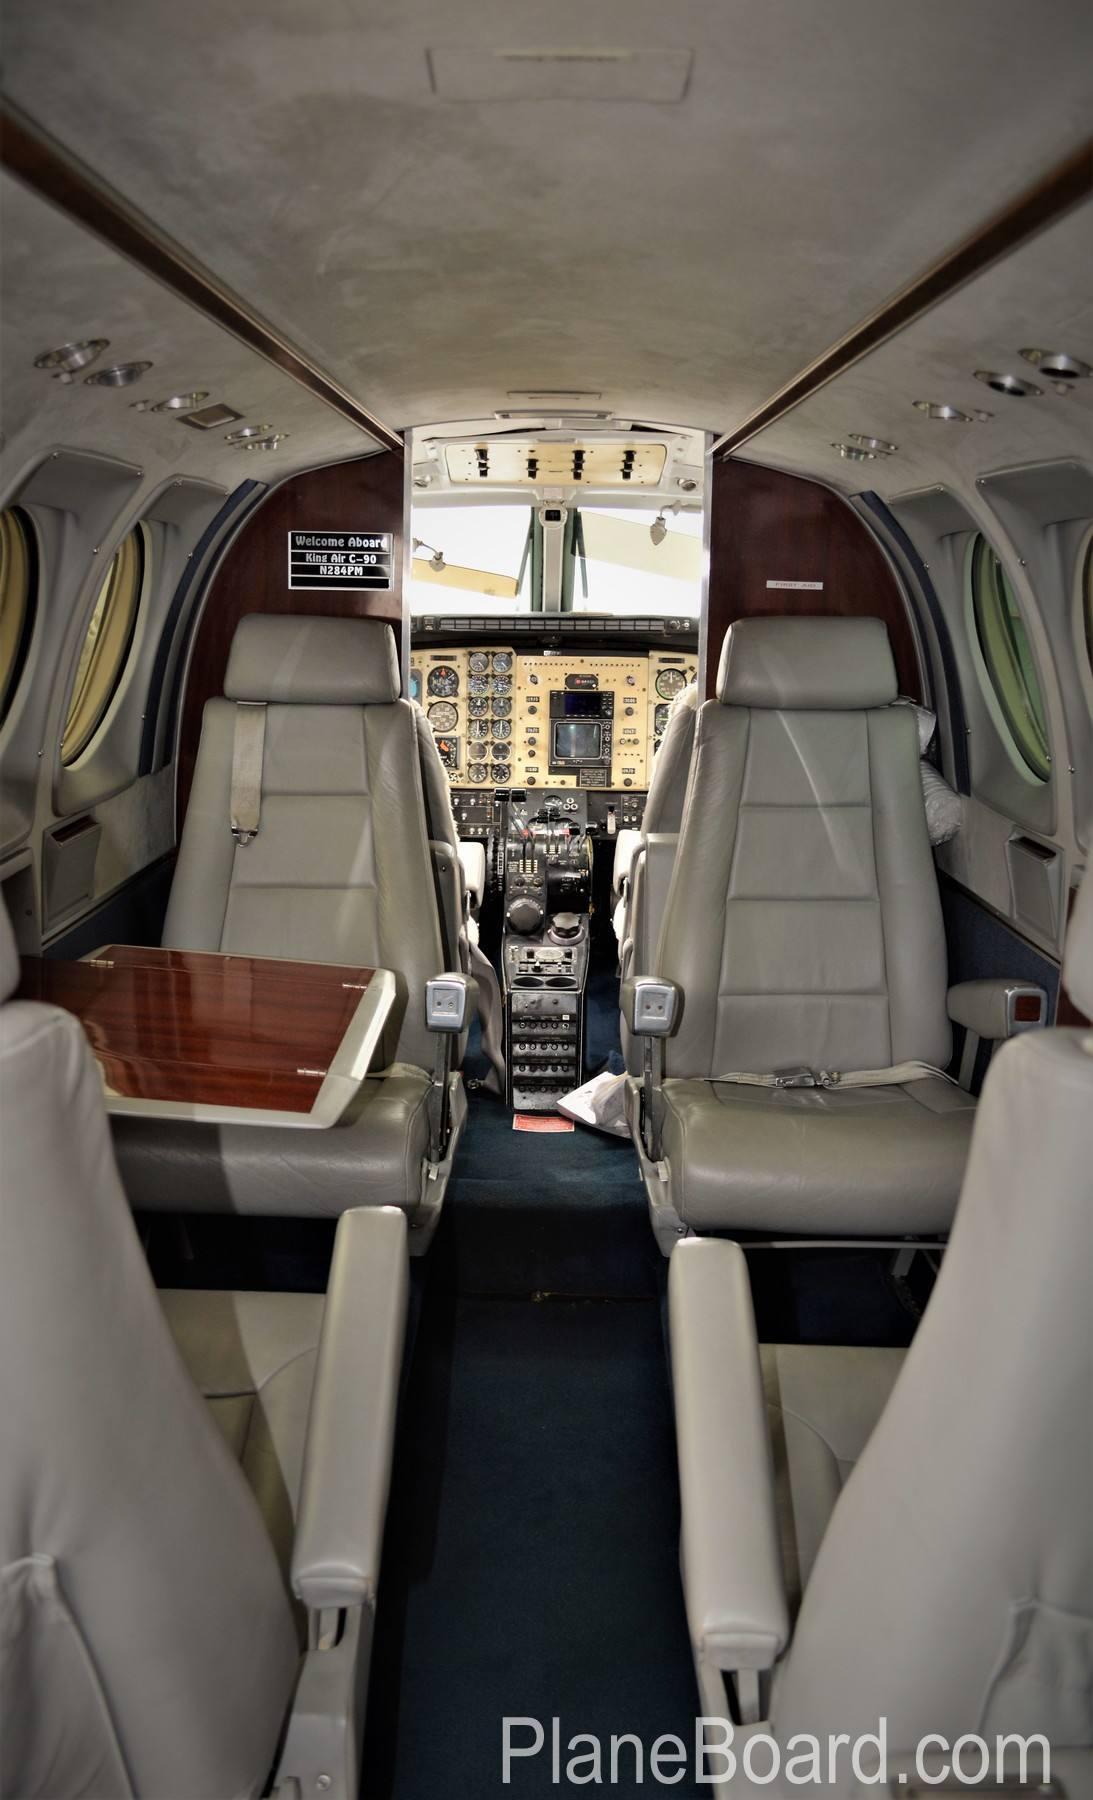 1977 Beechcraft King Air C90 interior 16